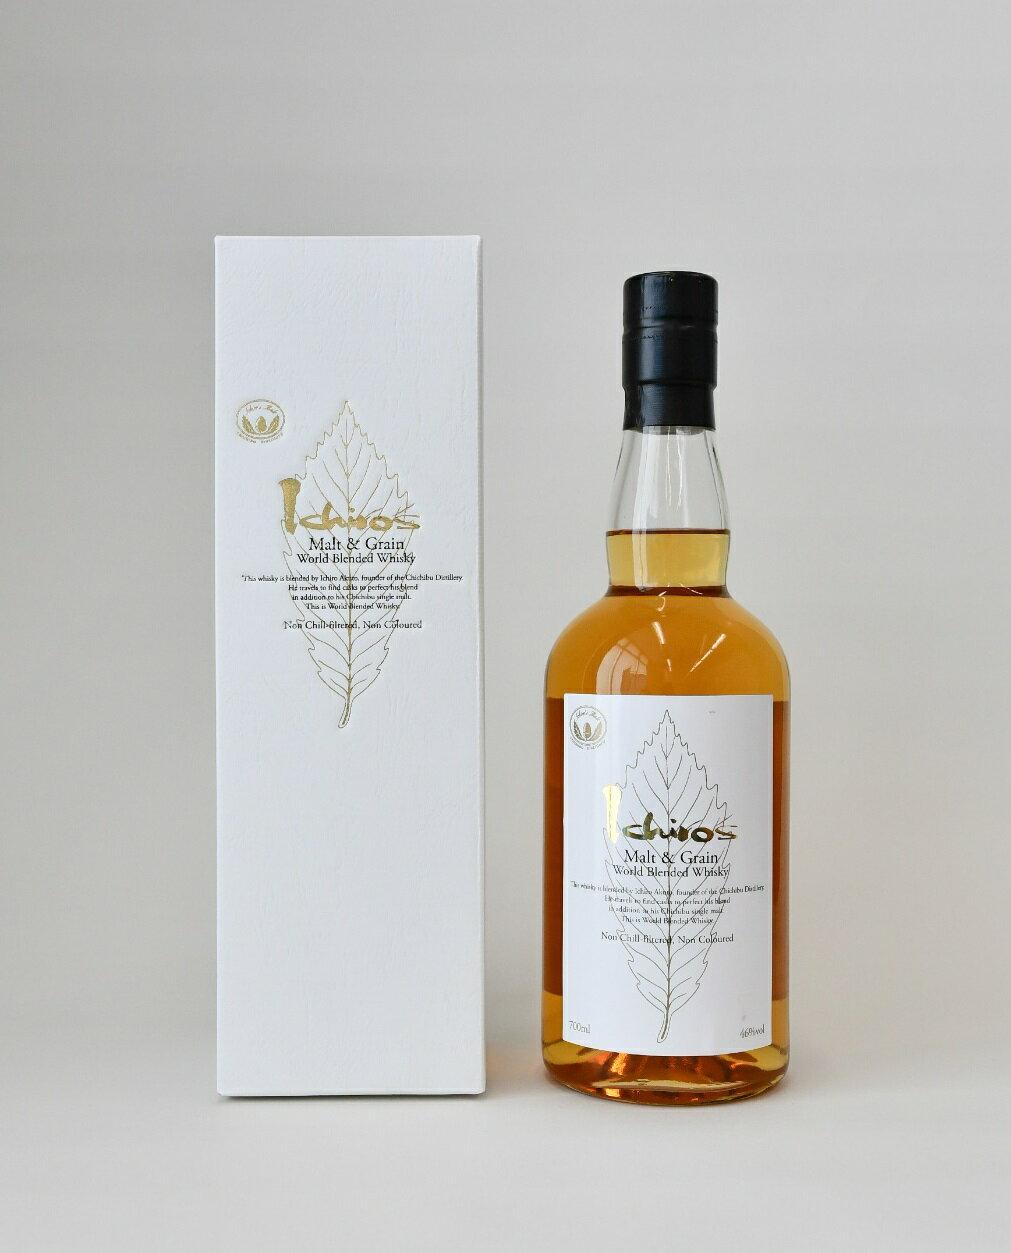 No.236 イチローズモルト&グレーン ホワイトラベル(化粧箱入り) / 国産洋酒ウイスキー